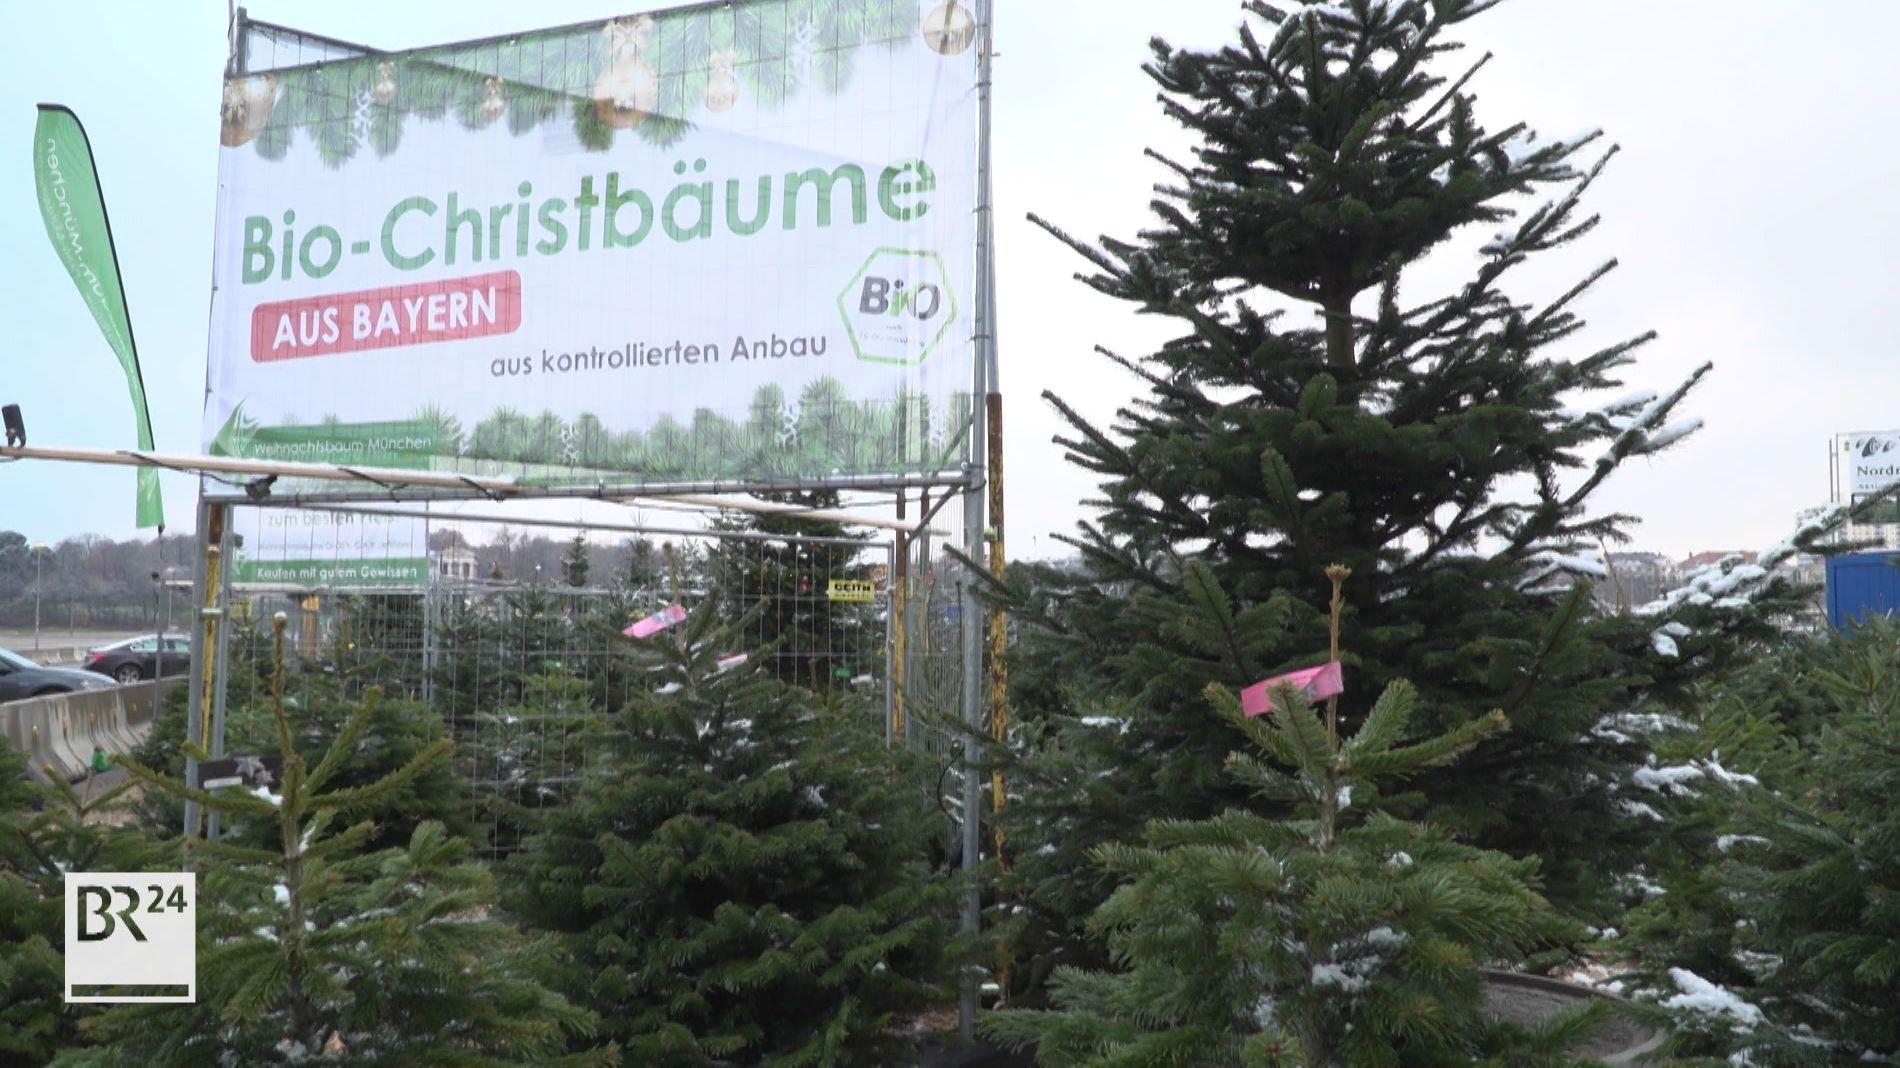 Ist ein Bio-Weihnachtsbaum sinnvoll?